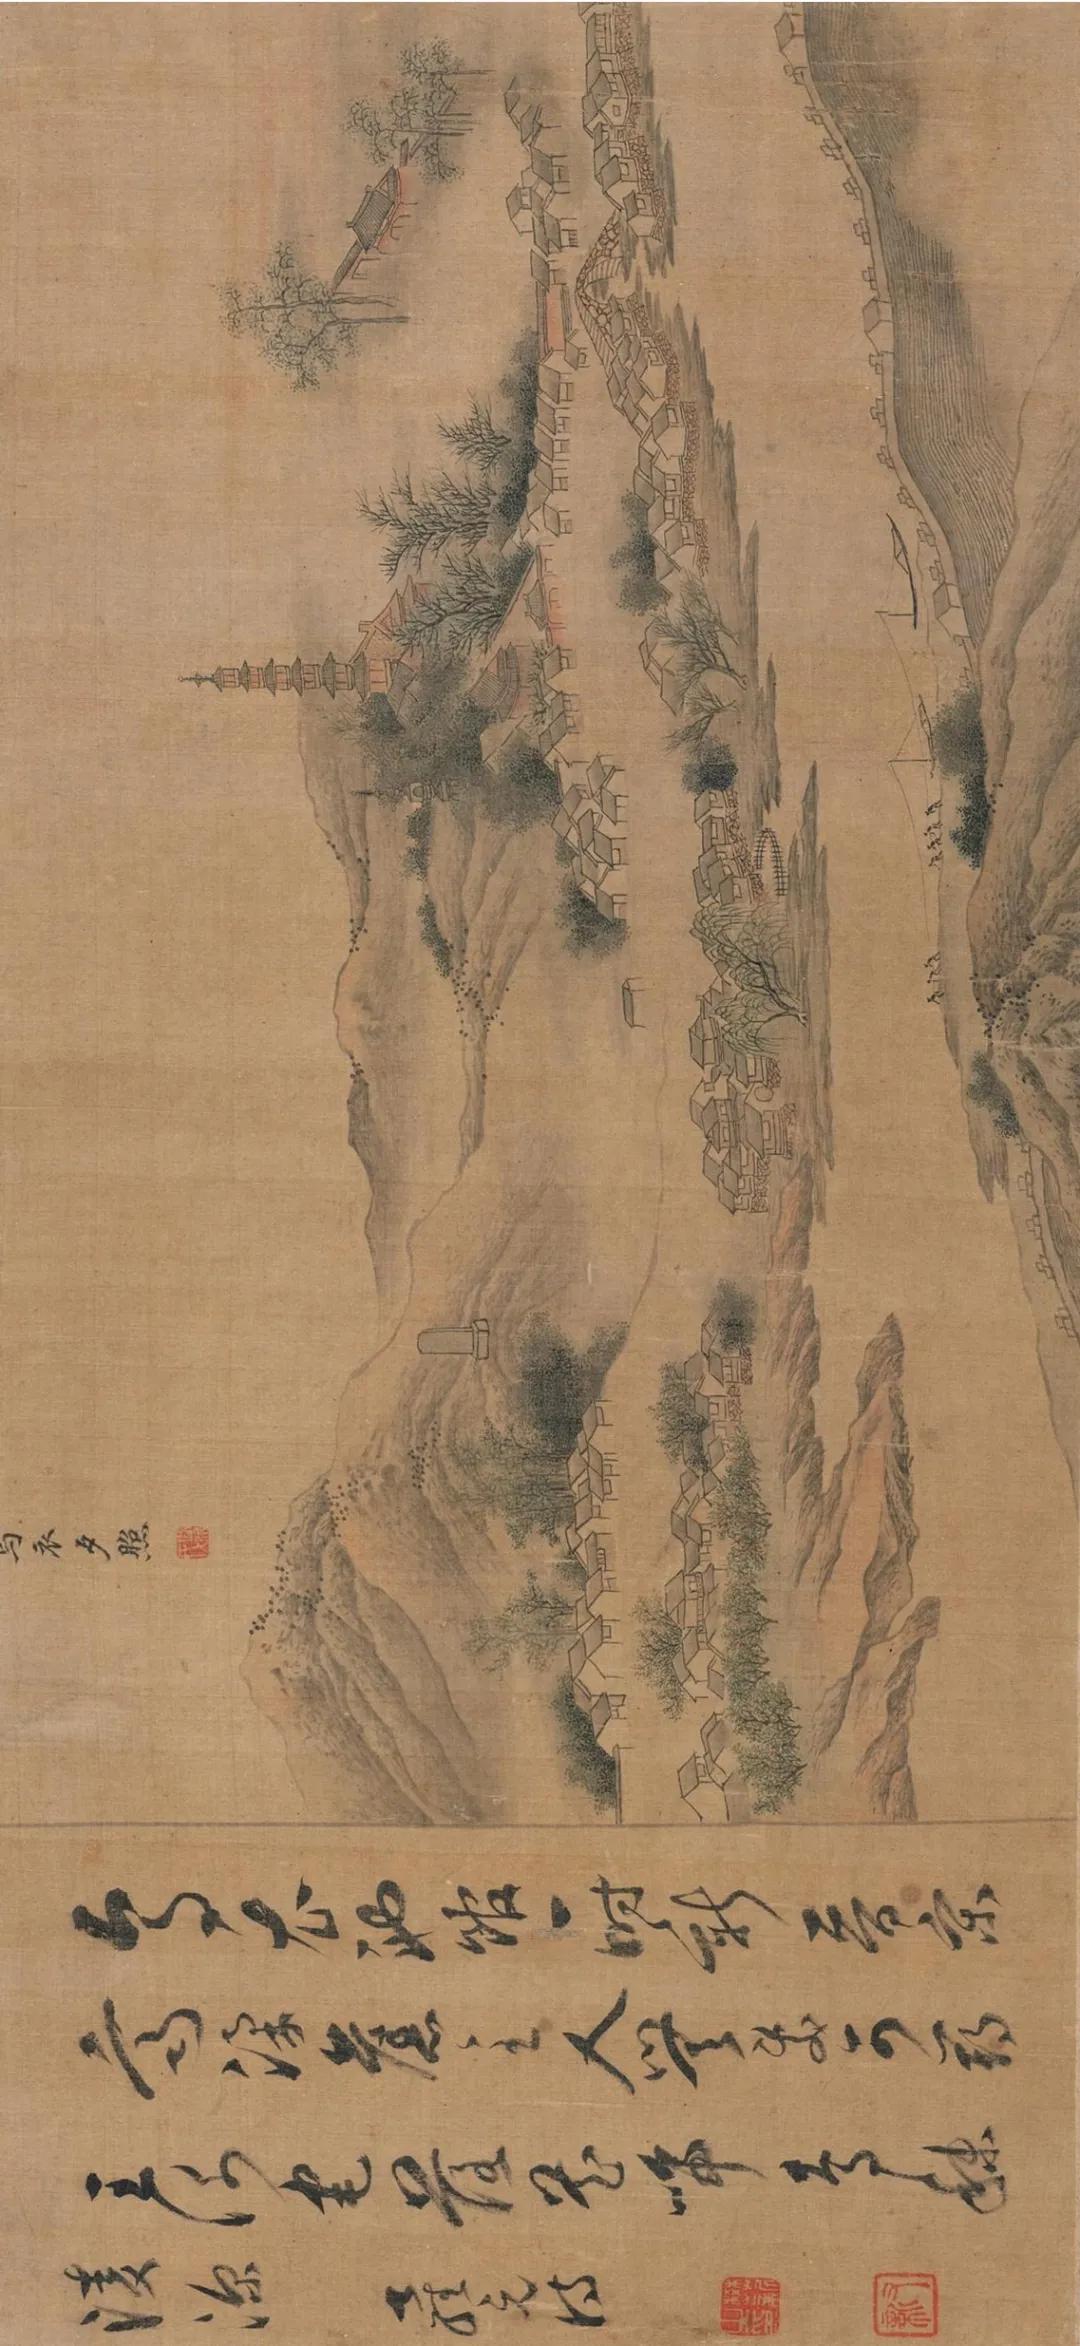 上海博物馆书法馆、绘画馆常设展更新